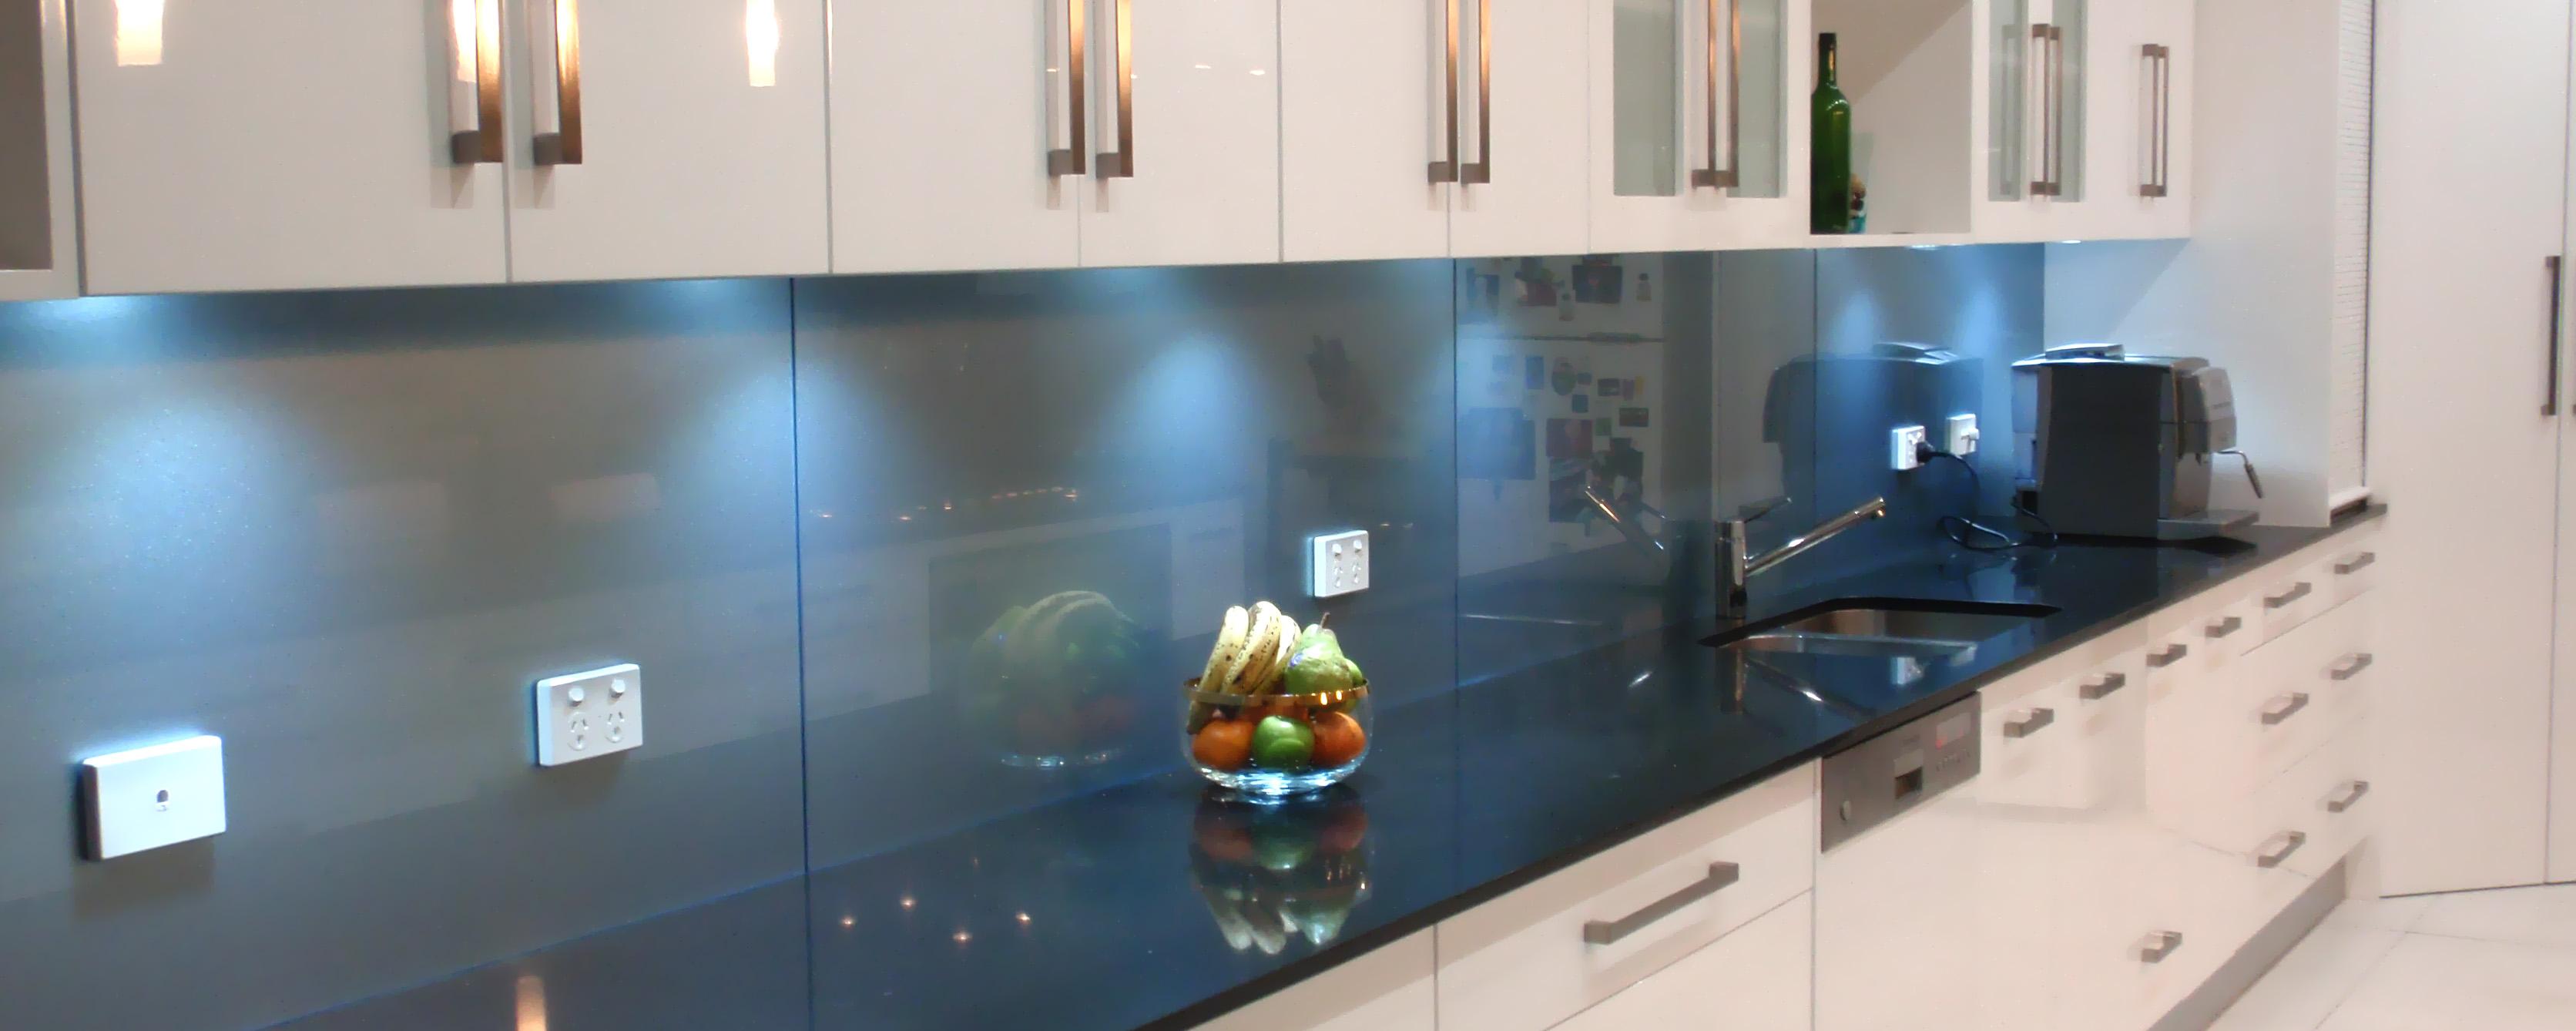 Taste kitchens news for Kitchen design adelaide